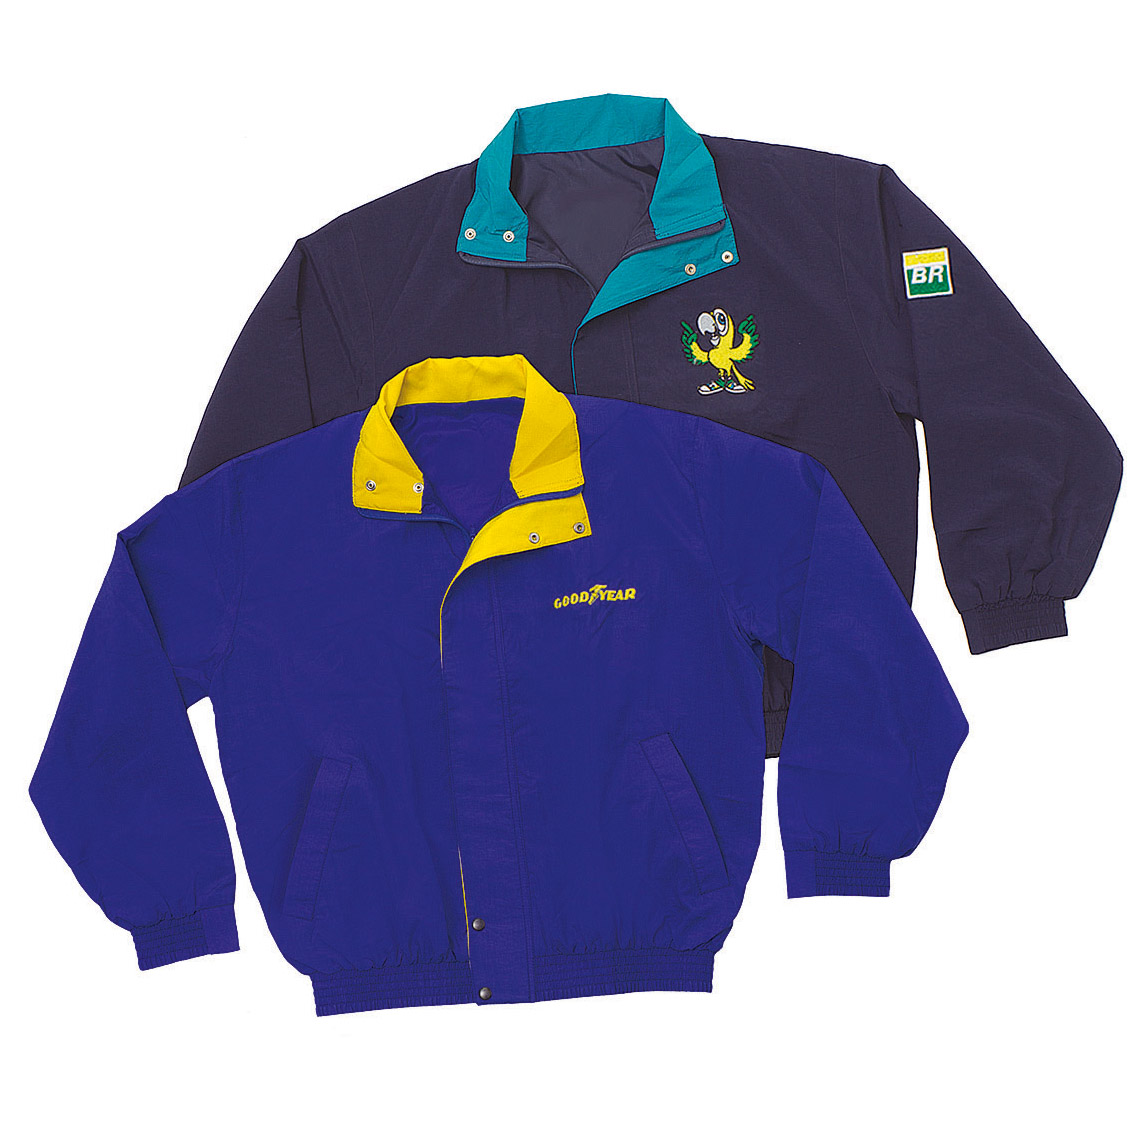 Niagara - Jaqueta personalizado em diversos tecidos e cores.